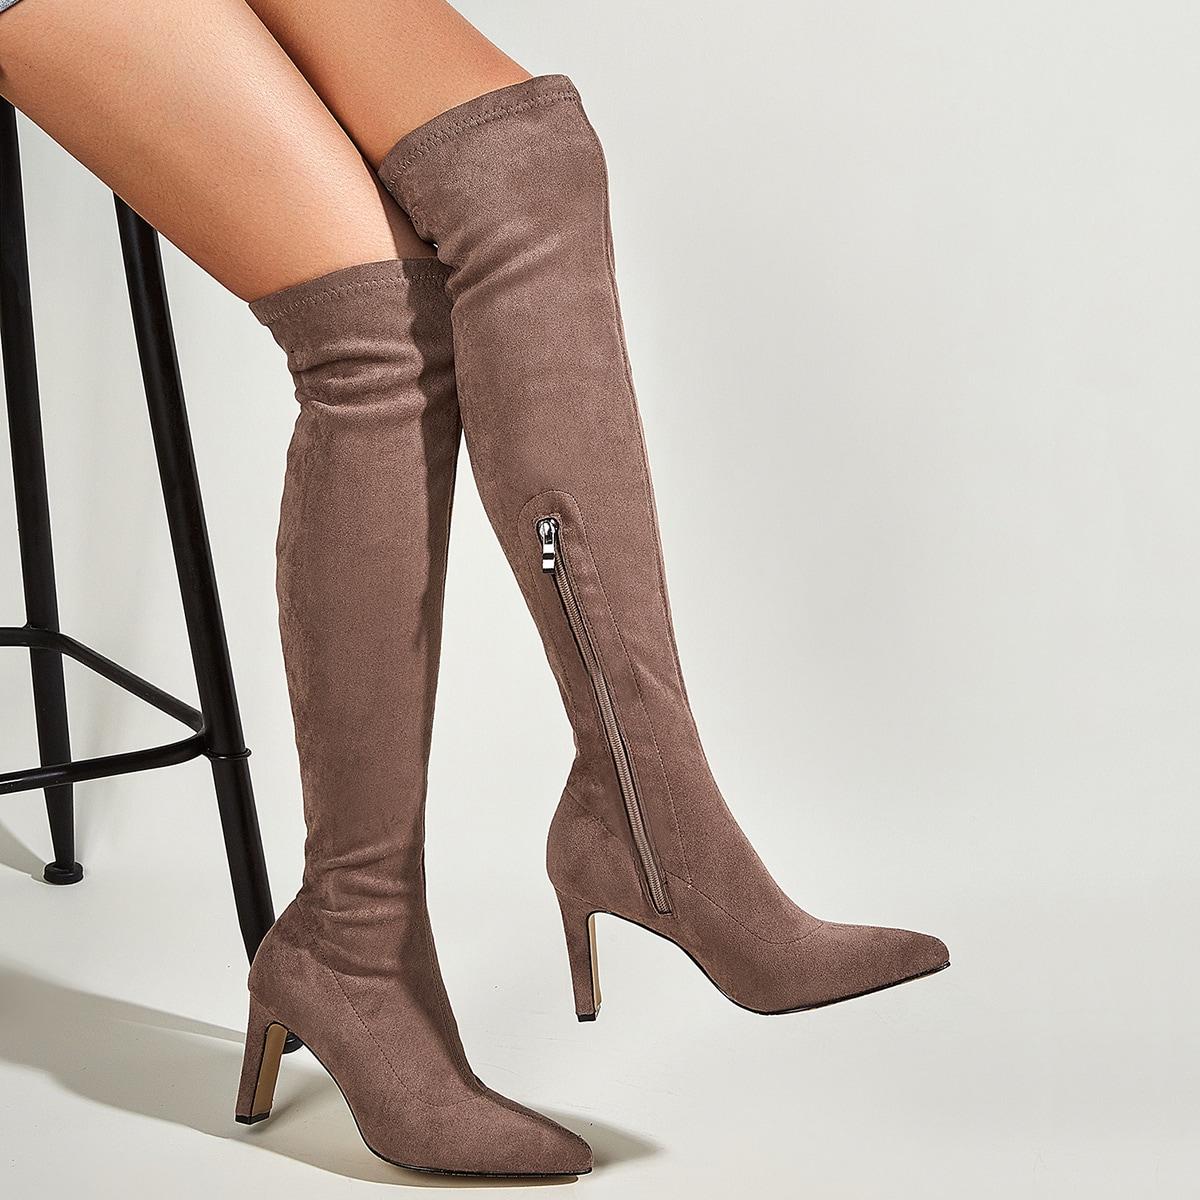 SHEIN / Minimalistische Stiefel mit Reißverschluss und klobiger Sohle